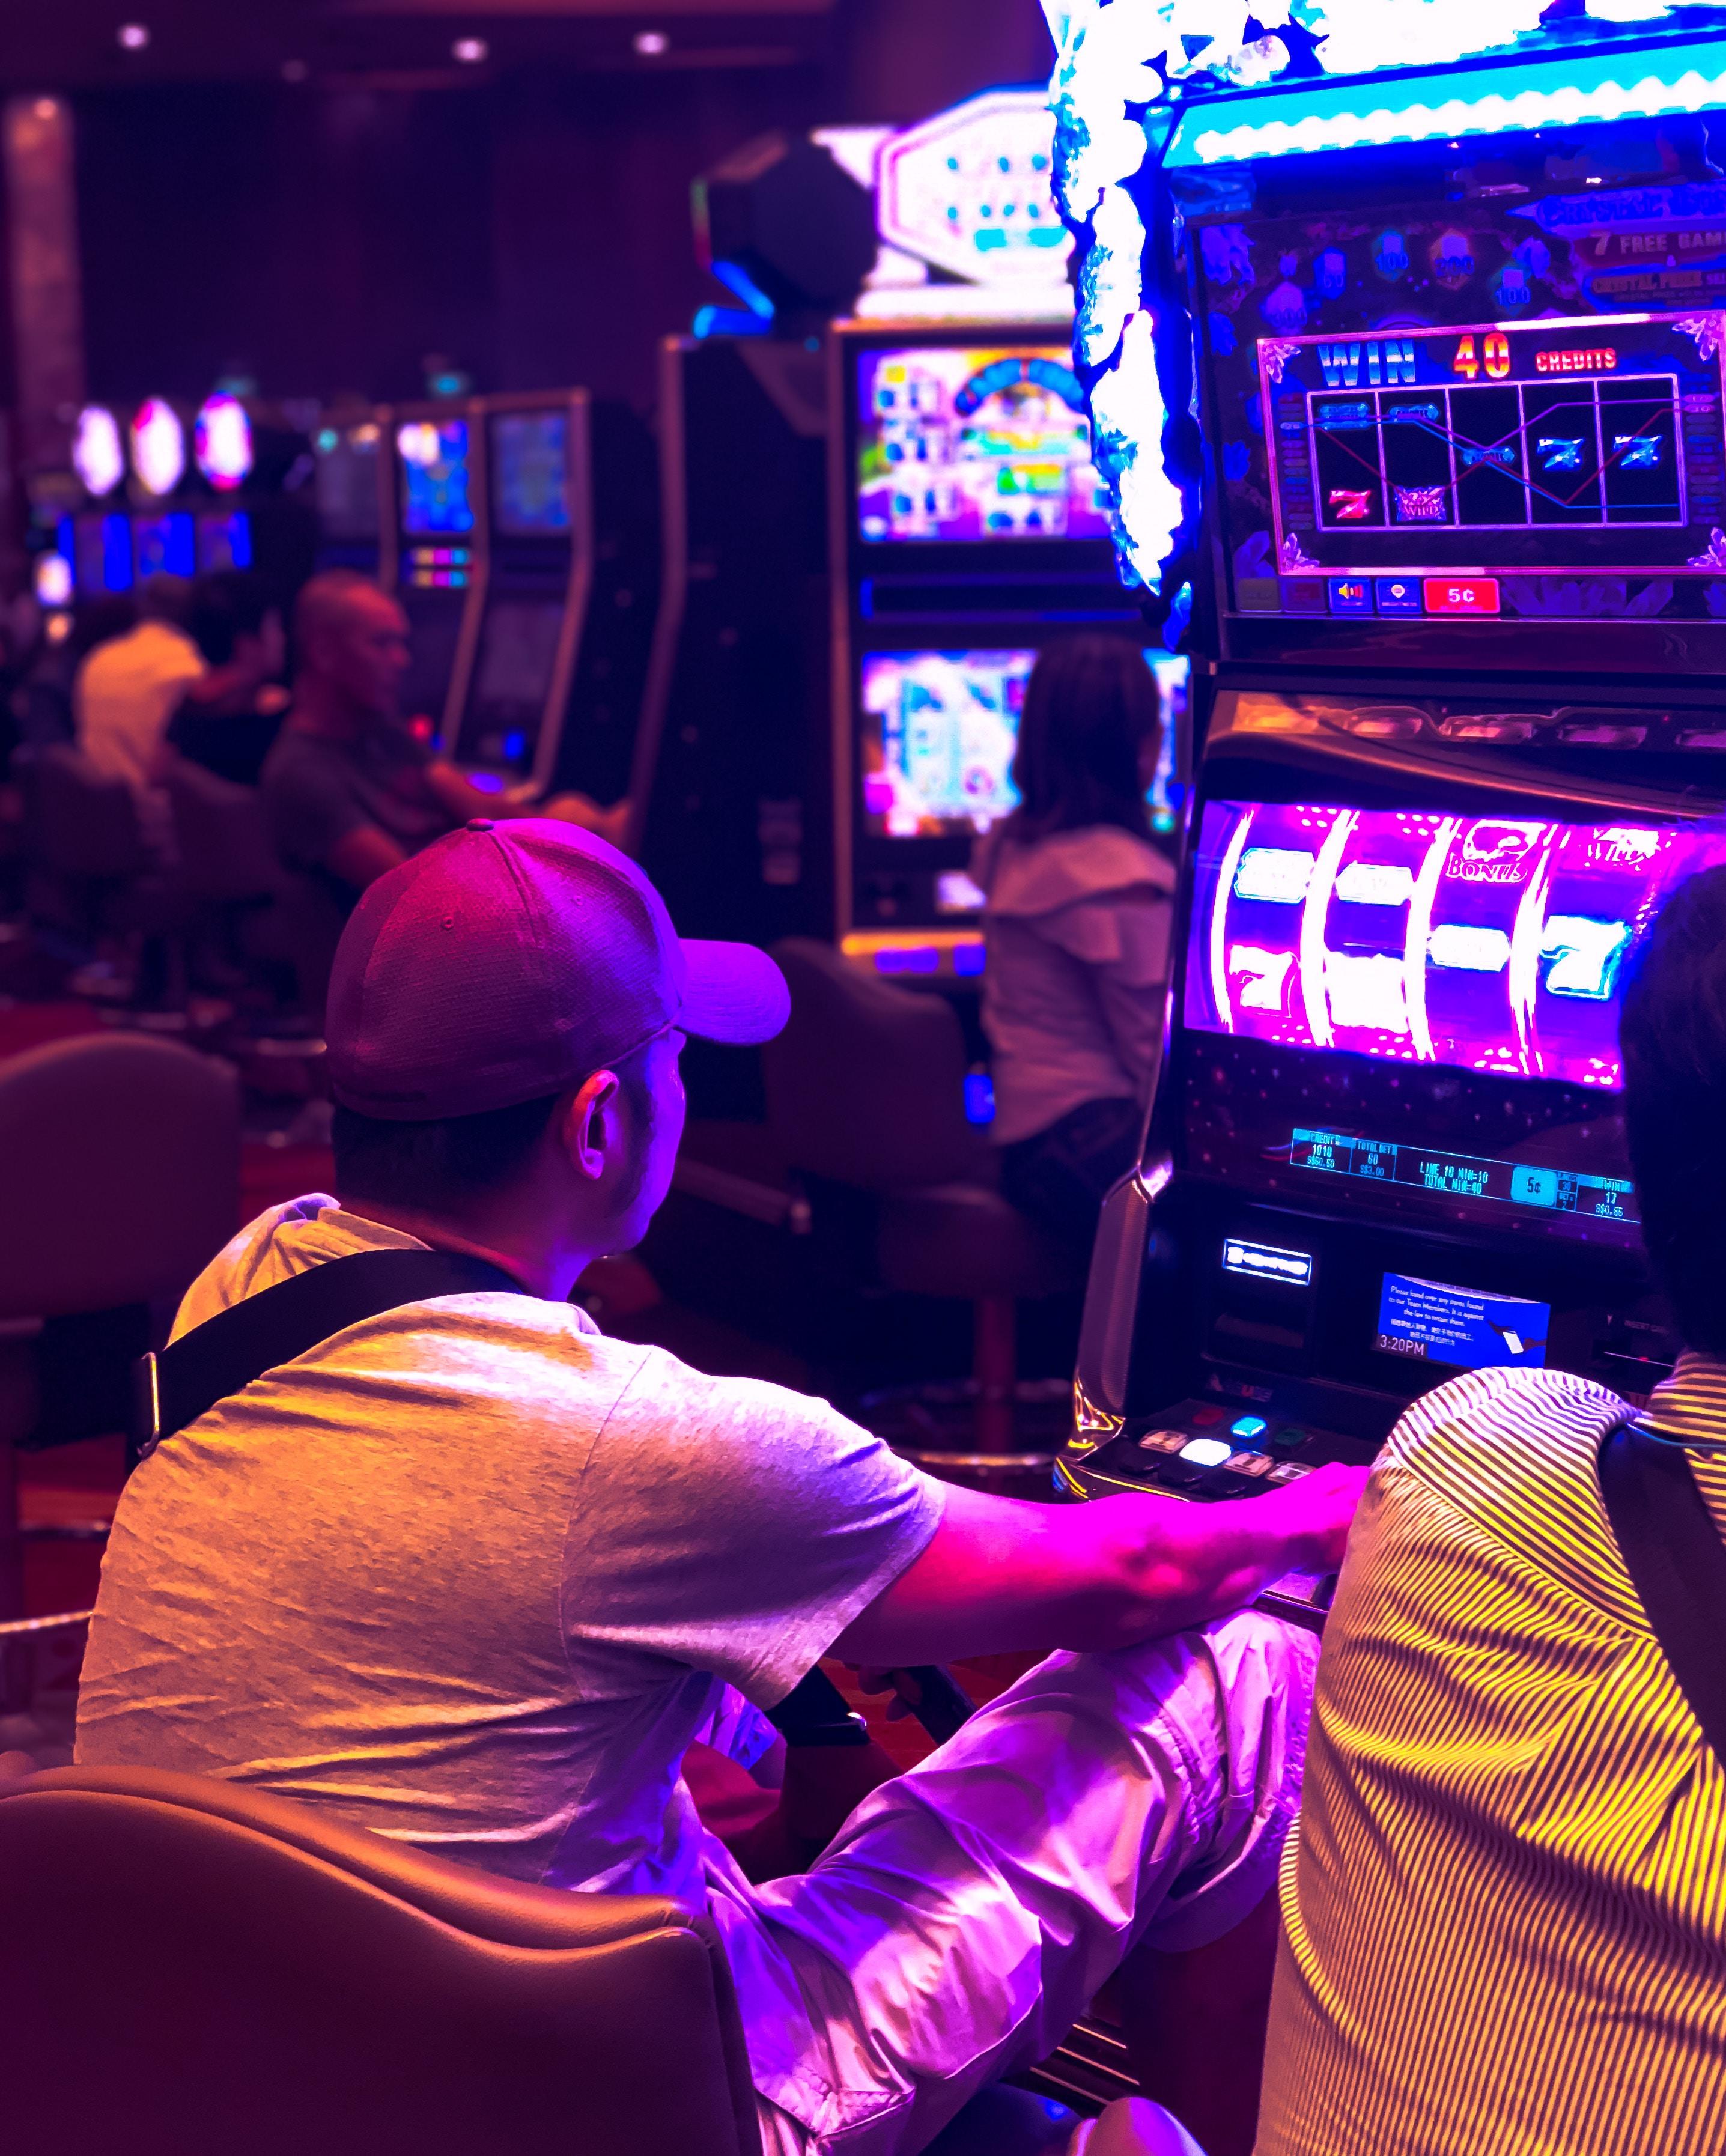 kıbrıs acapulco casino iletişim